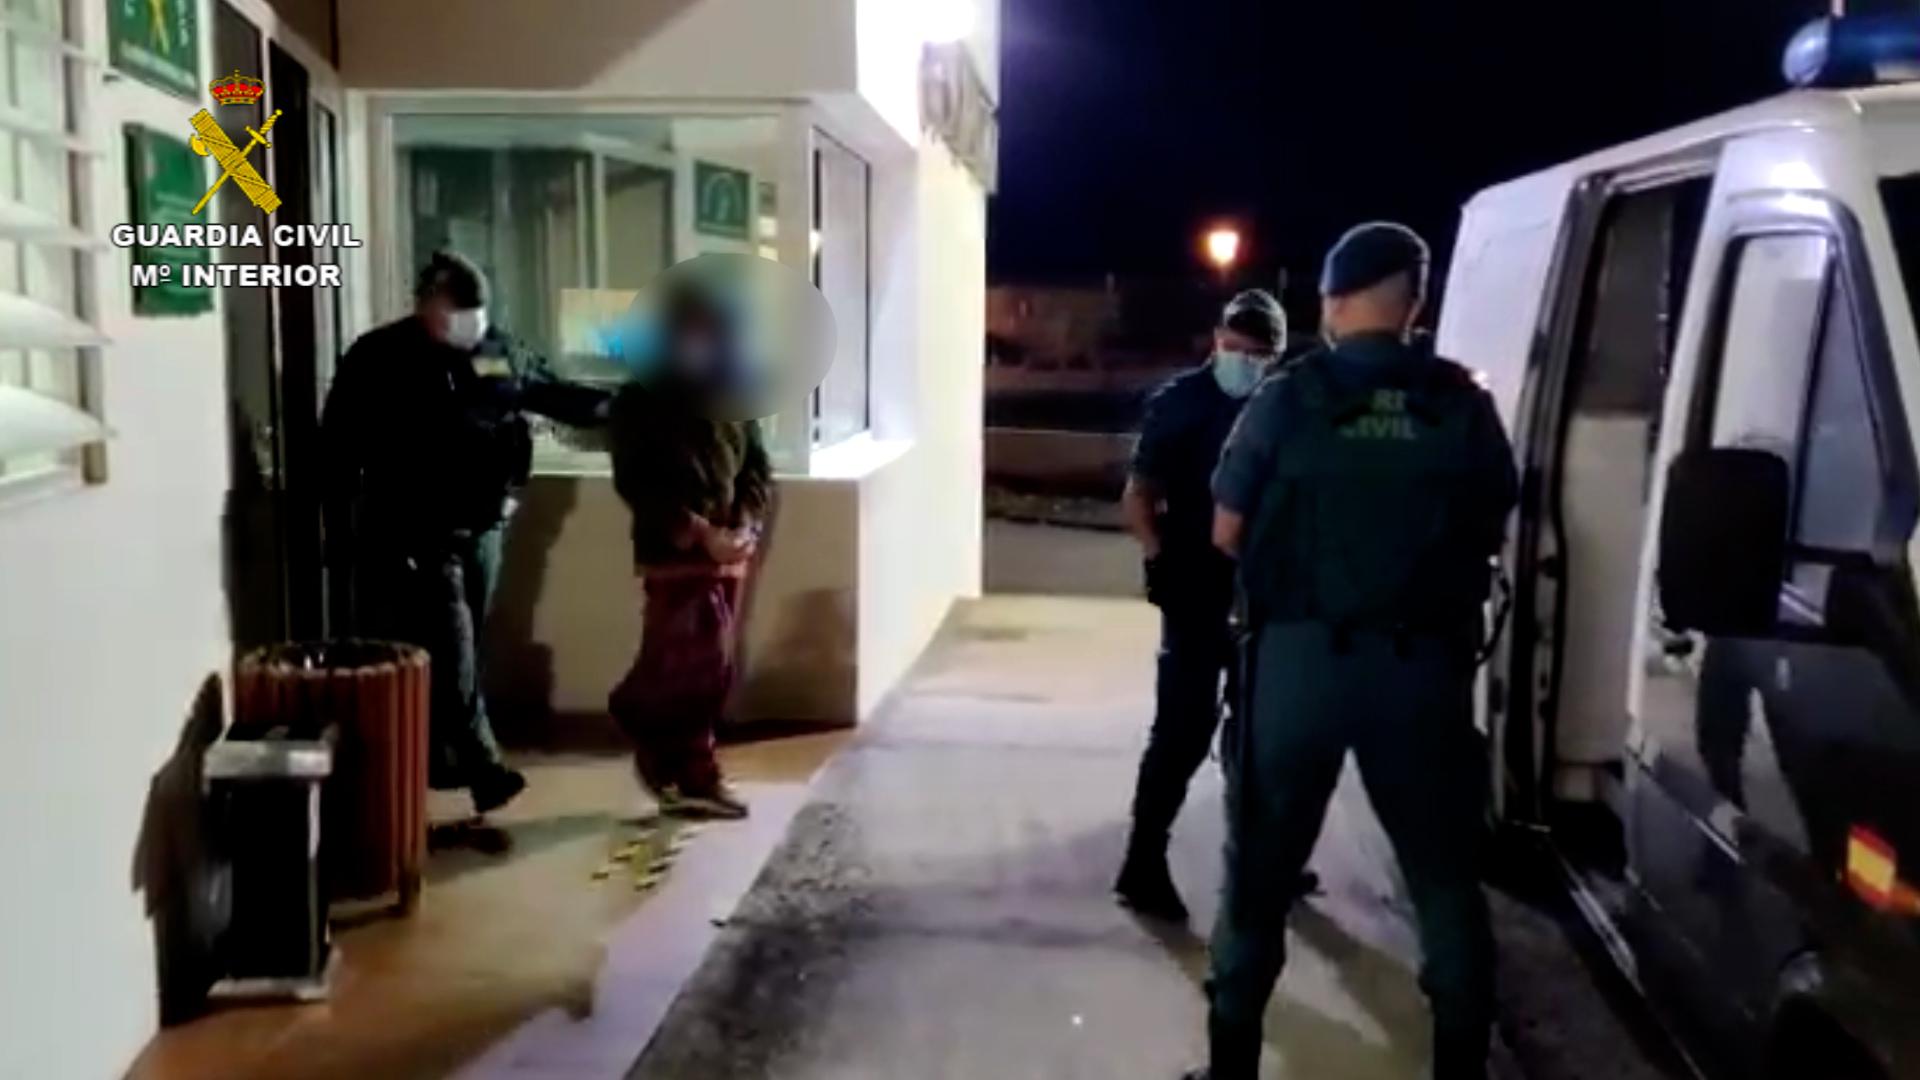 La Guardia Civil interrumpe una fiesta privada en la que se congregaban más de 20 personas